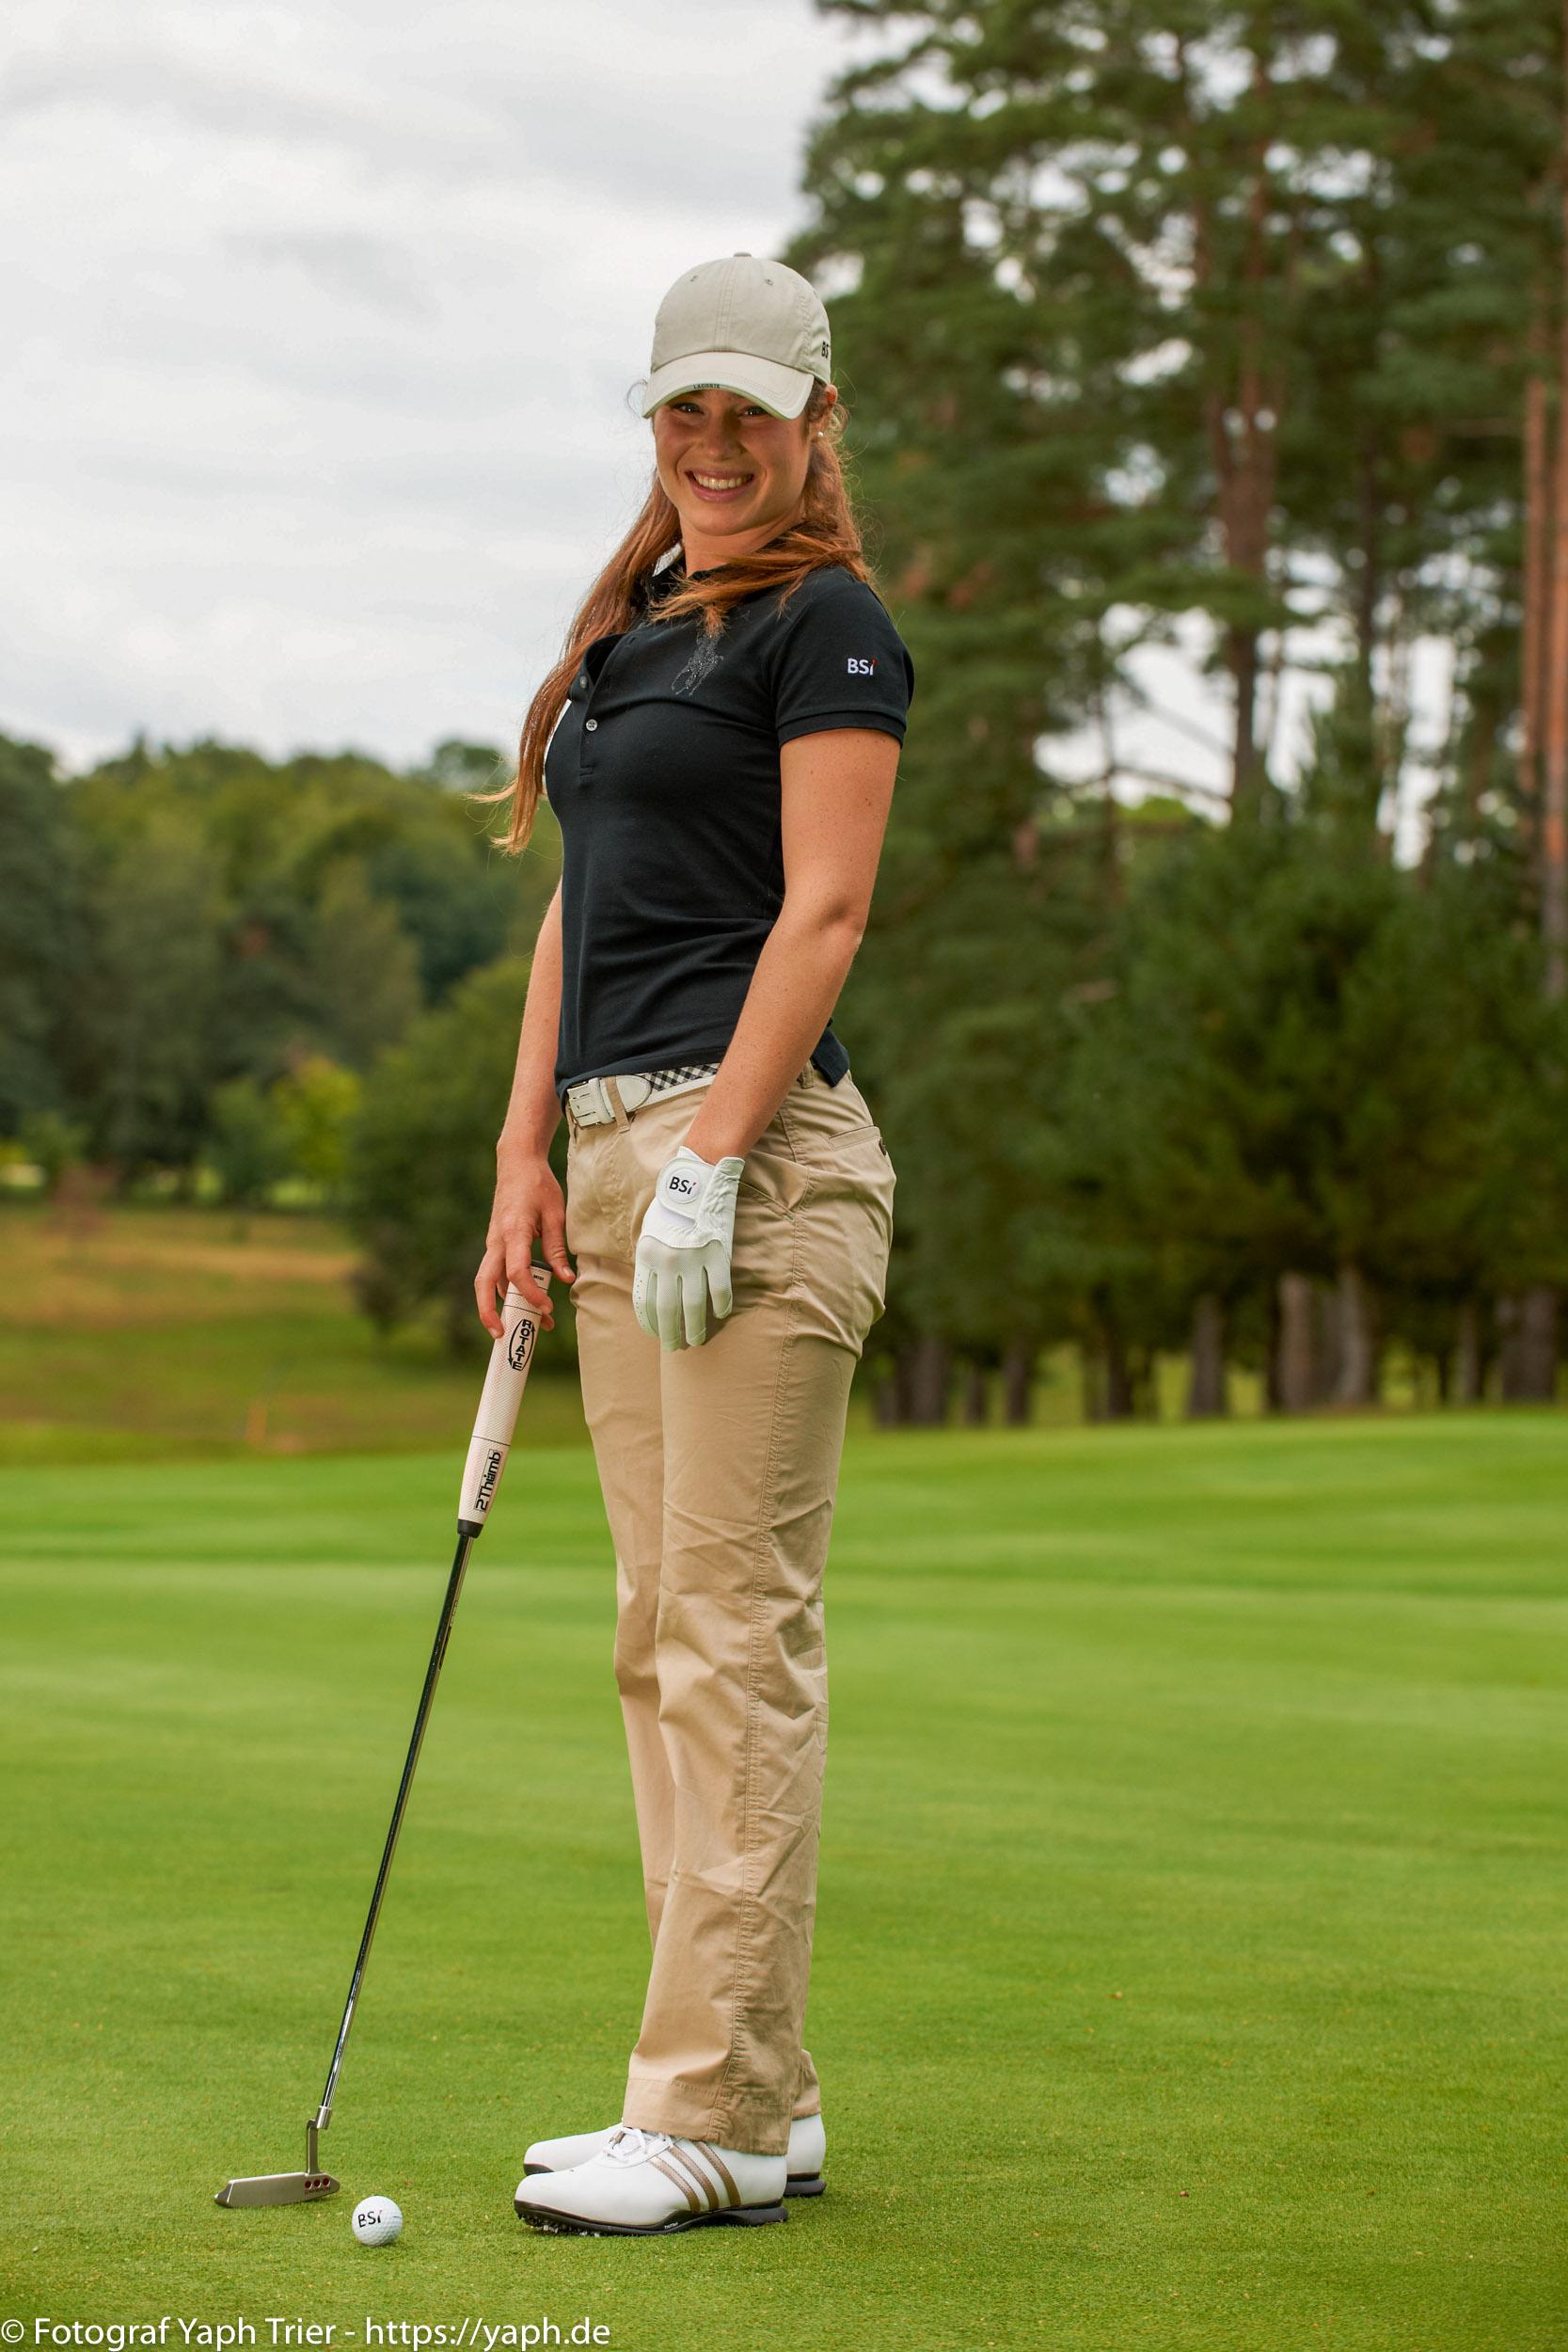 Liebelei Elena Lawrence - luxemburger Golfspielerin bei Fotograf Yaph - 41